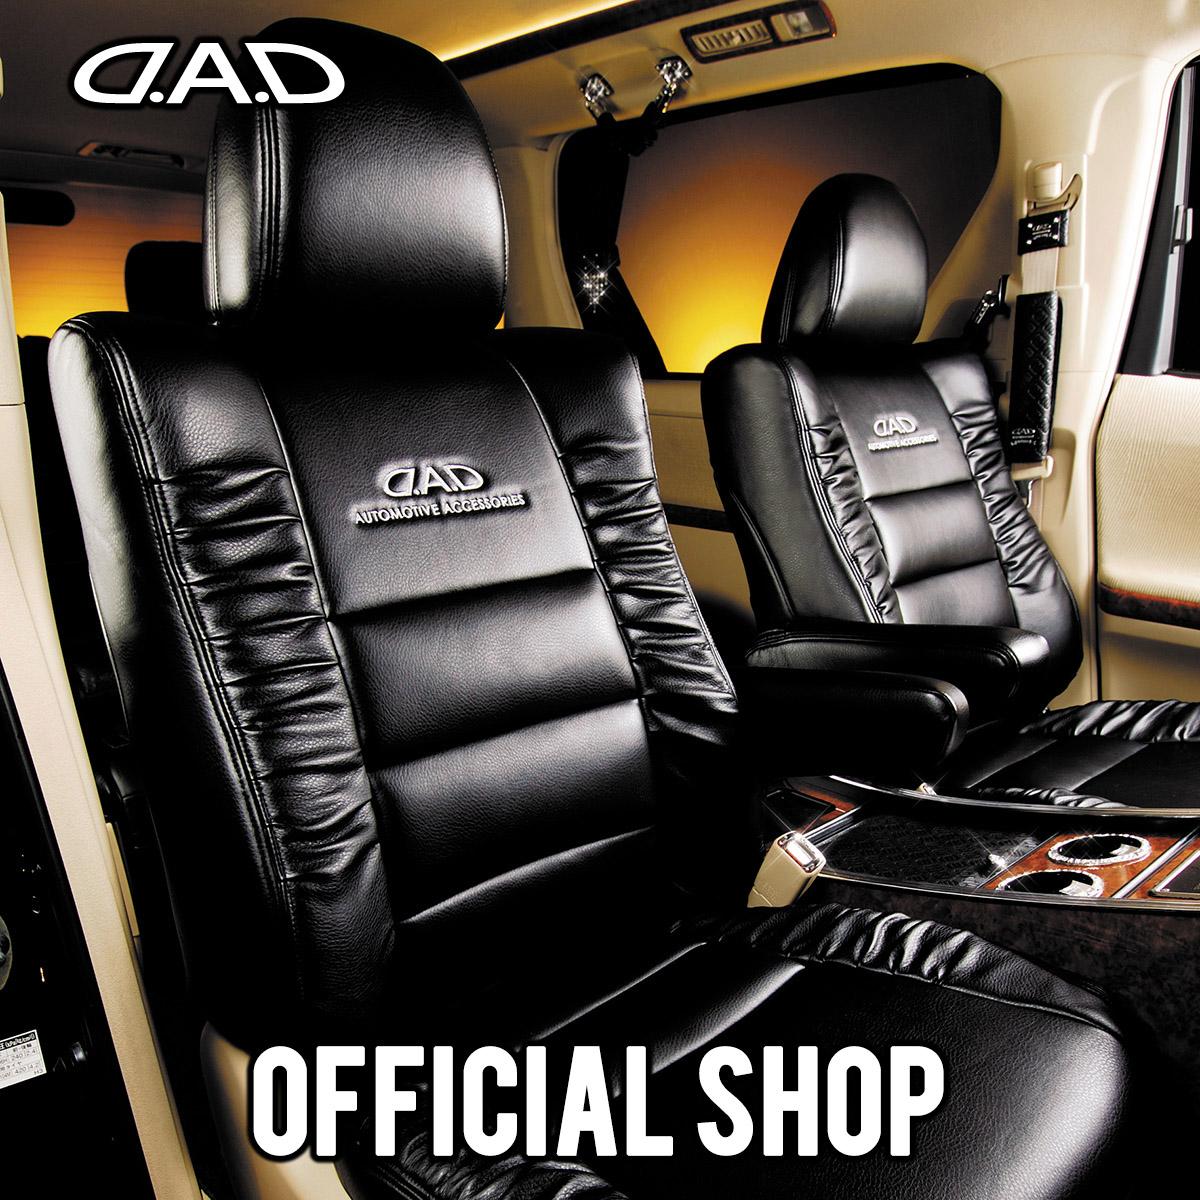 お手頃価格 575/585系 ピクシススペース DAD ギャルソン D.A.D ラグジュアリー サイドギャザーシートカバー カラーオールVブラック 1台分 GARSON, サカキウッド c24b1c79